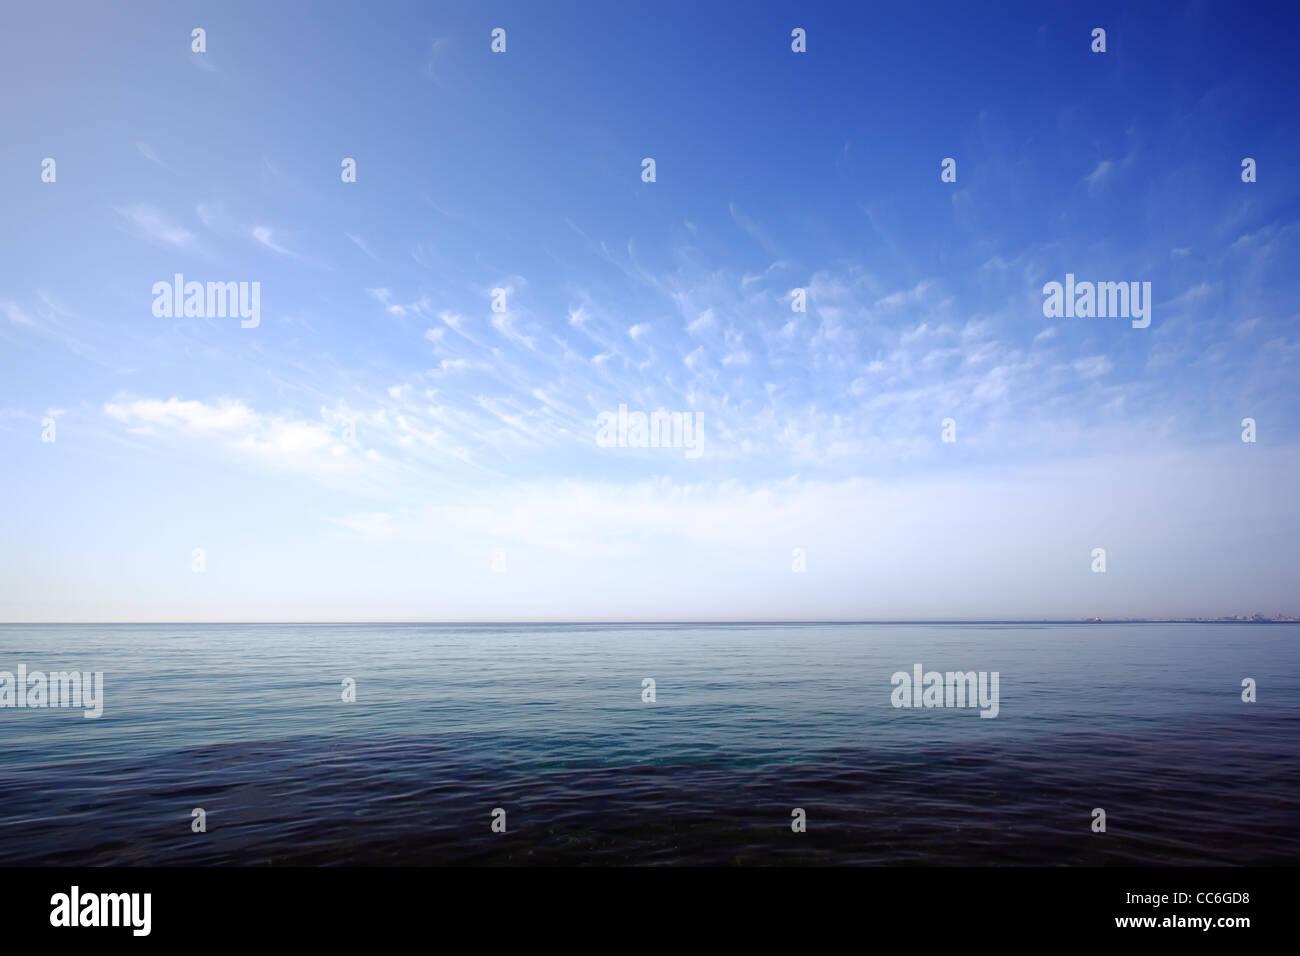 Himmel und Meer Hintergrund. Natur-Seelandschaft. Stadt am Horizont. Larnaca, Zypern. Stockbild